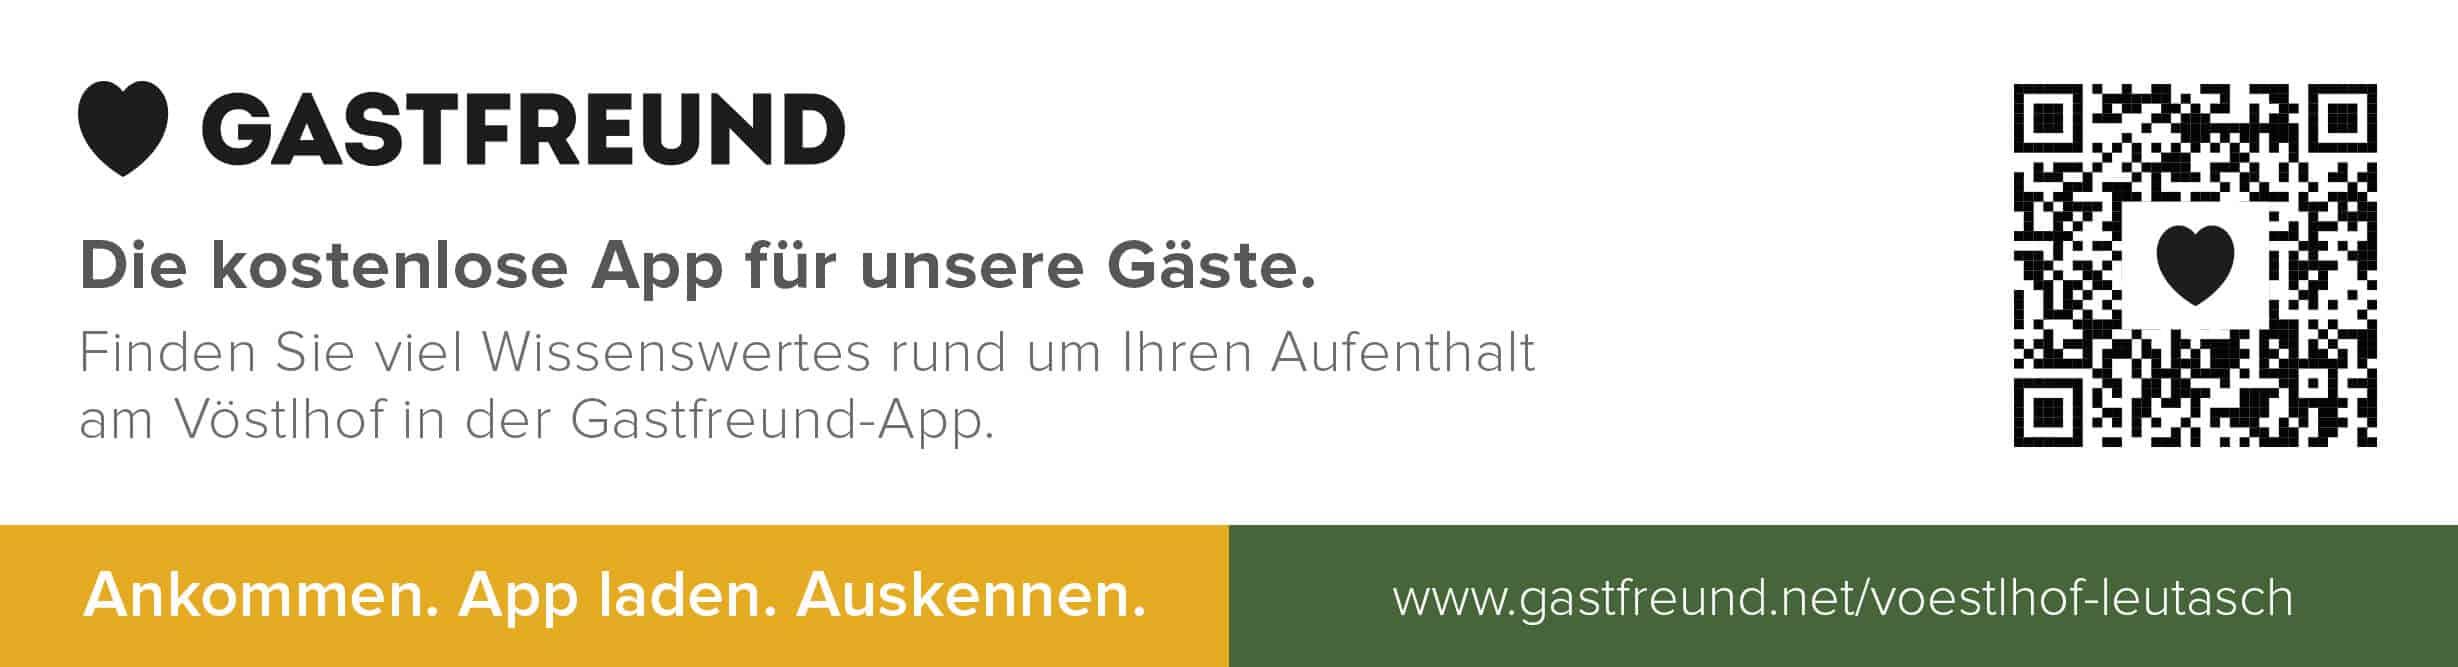 Voestlhof_E-Mail_Signatur_Gastfreund